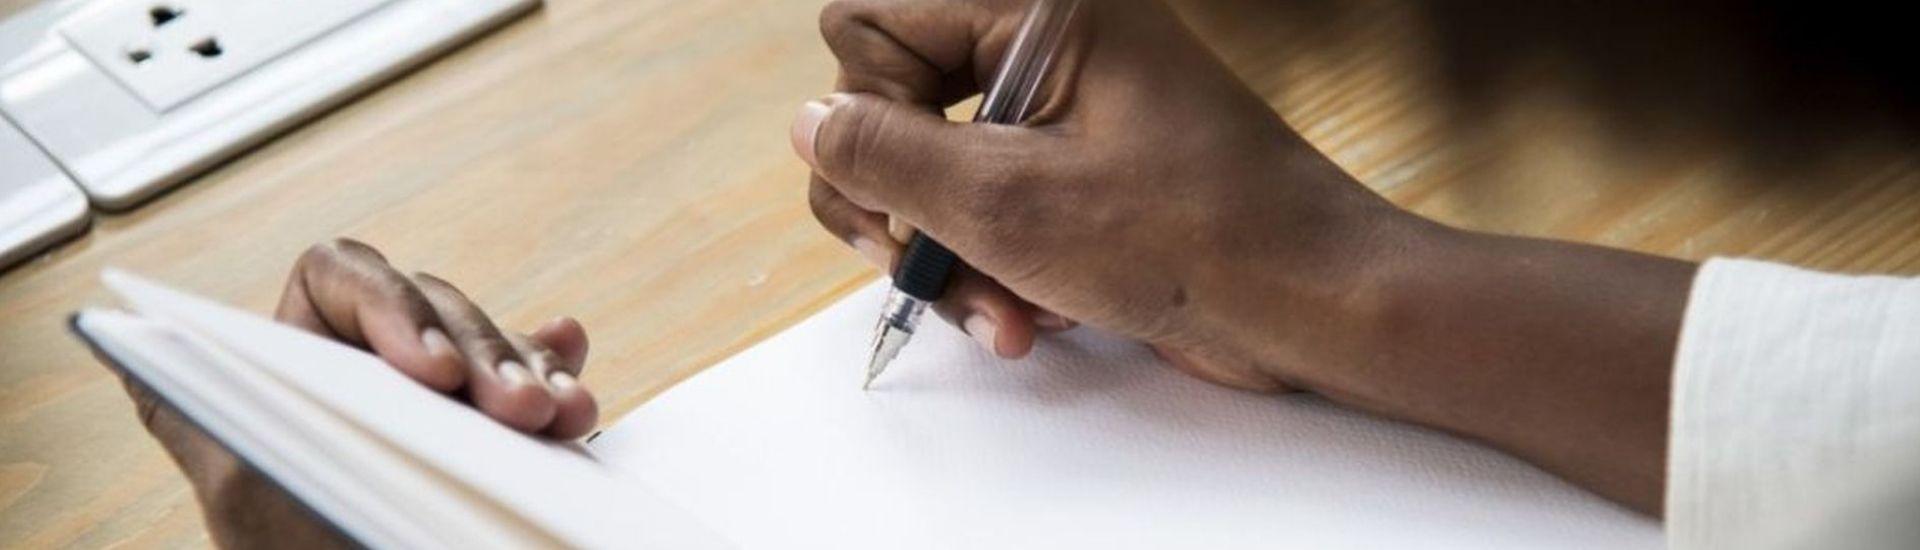 minsili-zanga-arrivee-a-l-ecriture-photo©Freepik - A titre d'illustration